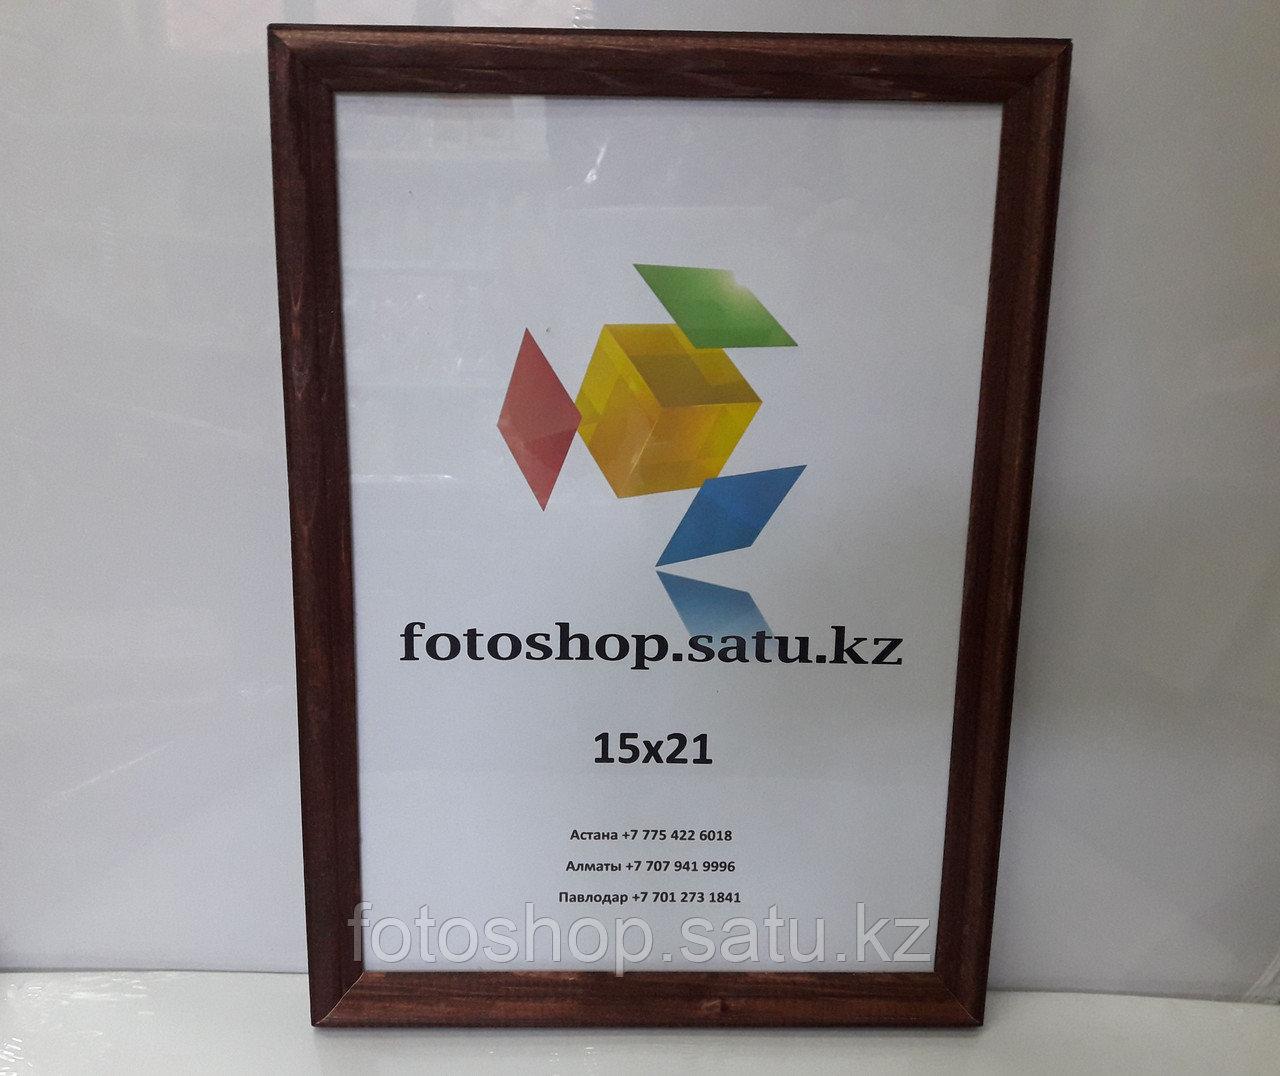 Фоторамка деревянная со стеклом 15*21 - фото 1